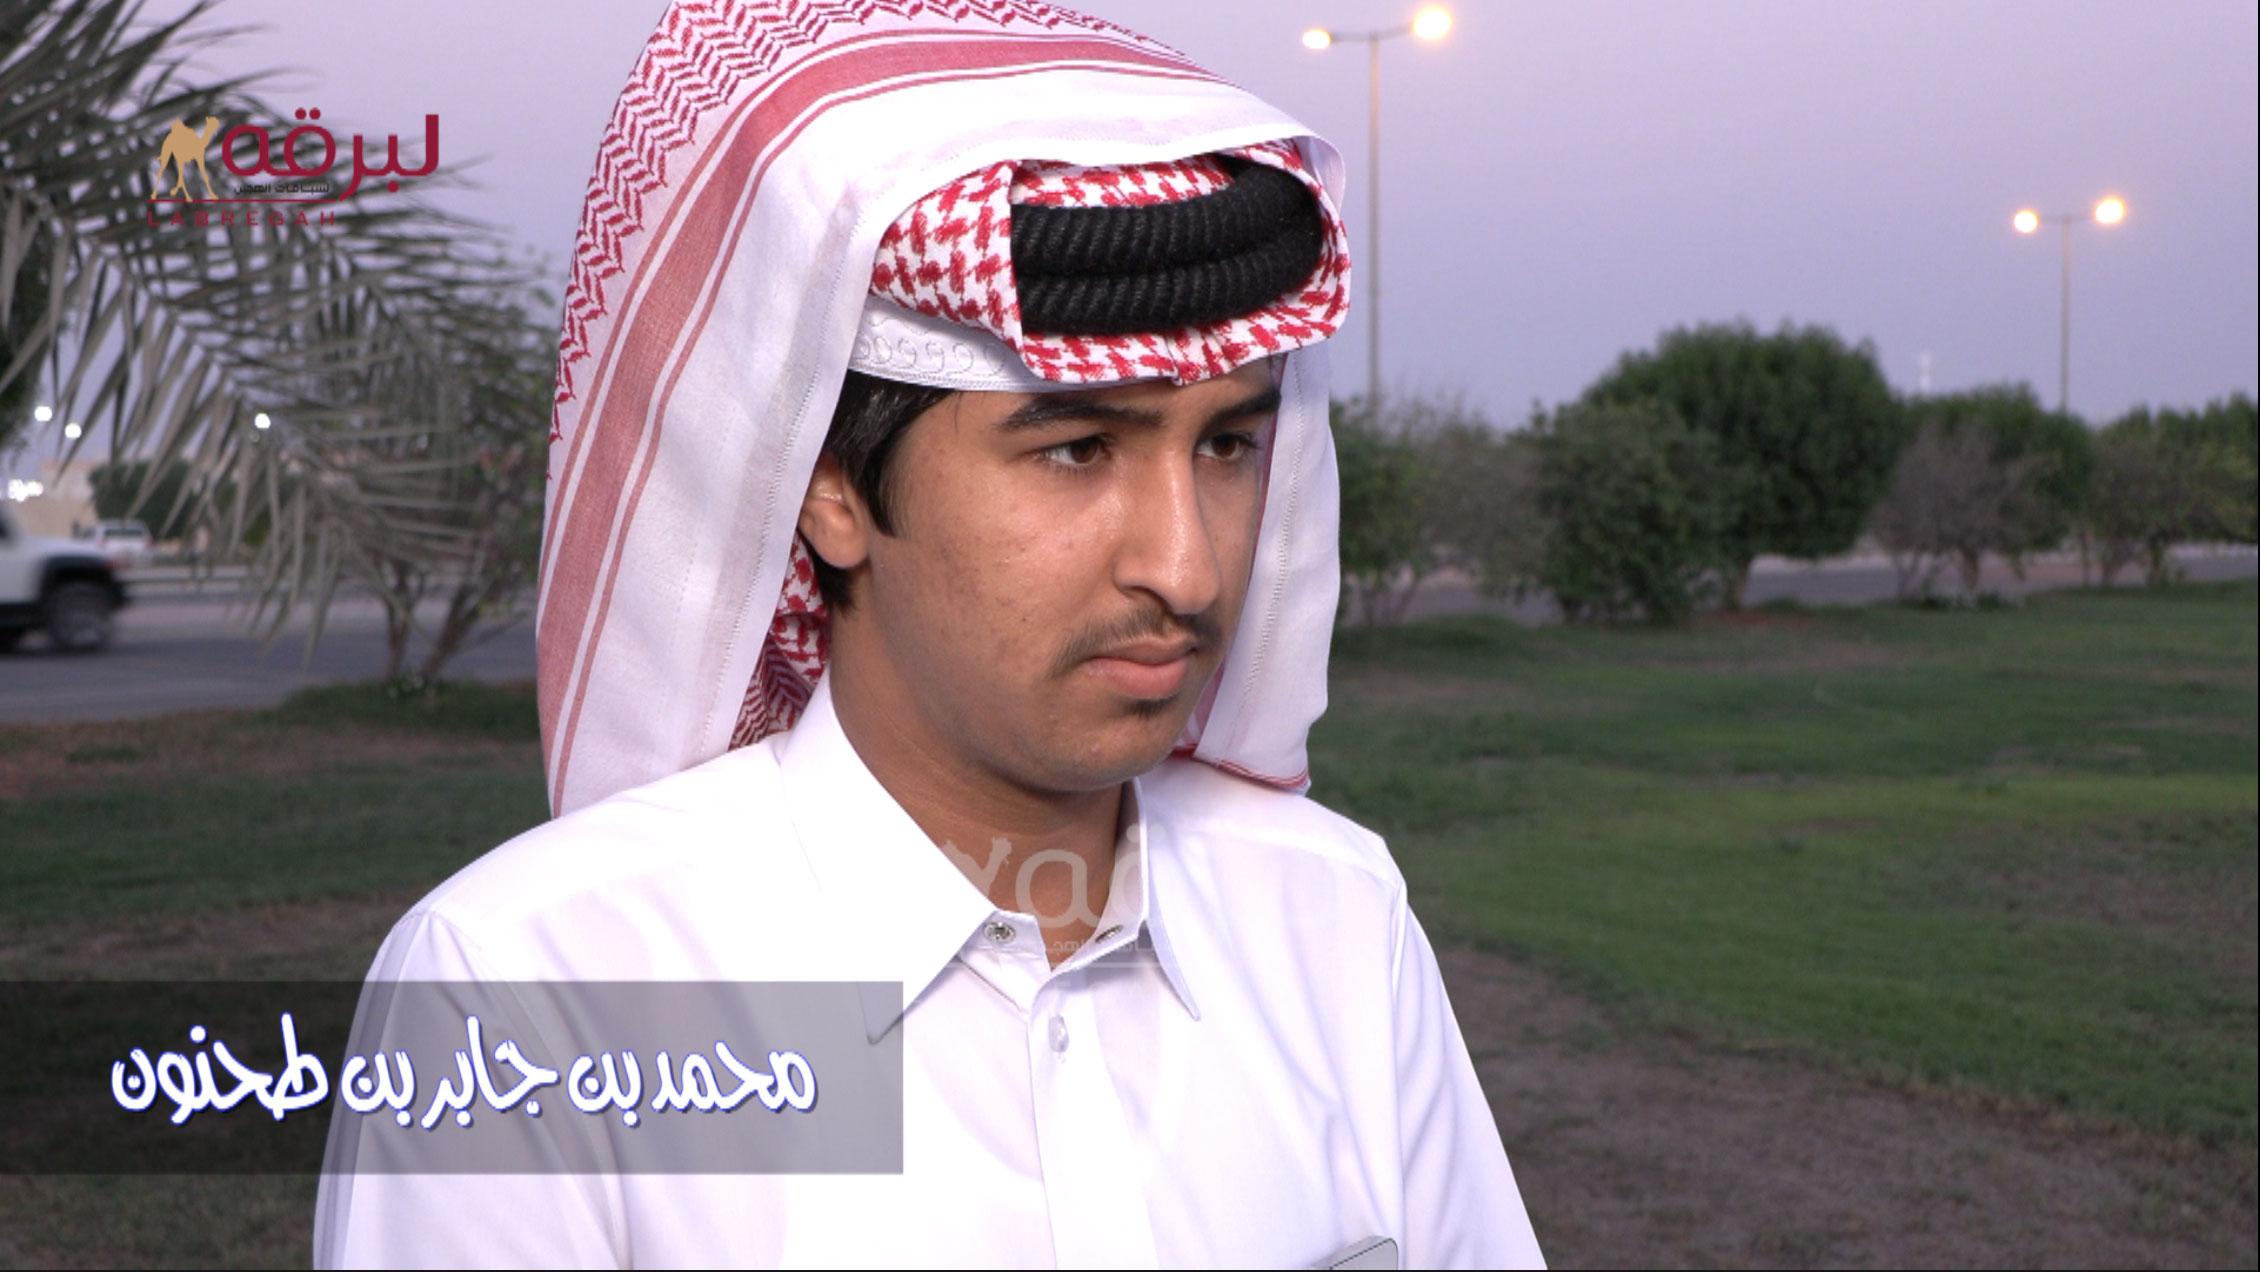 لقاء مع محمد بن جابر بن طحنون.. الشوط الرئيسي للثنايا قعدان (مفتوح) الأشواط العامة  ١٥-١٠-٢٠٢١